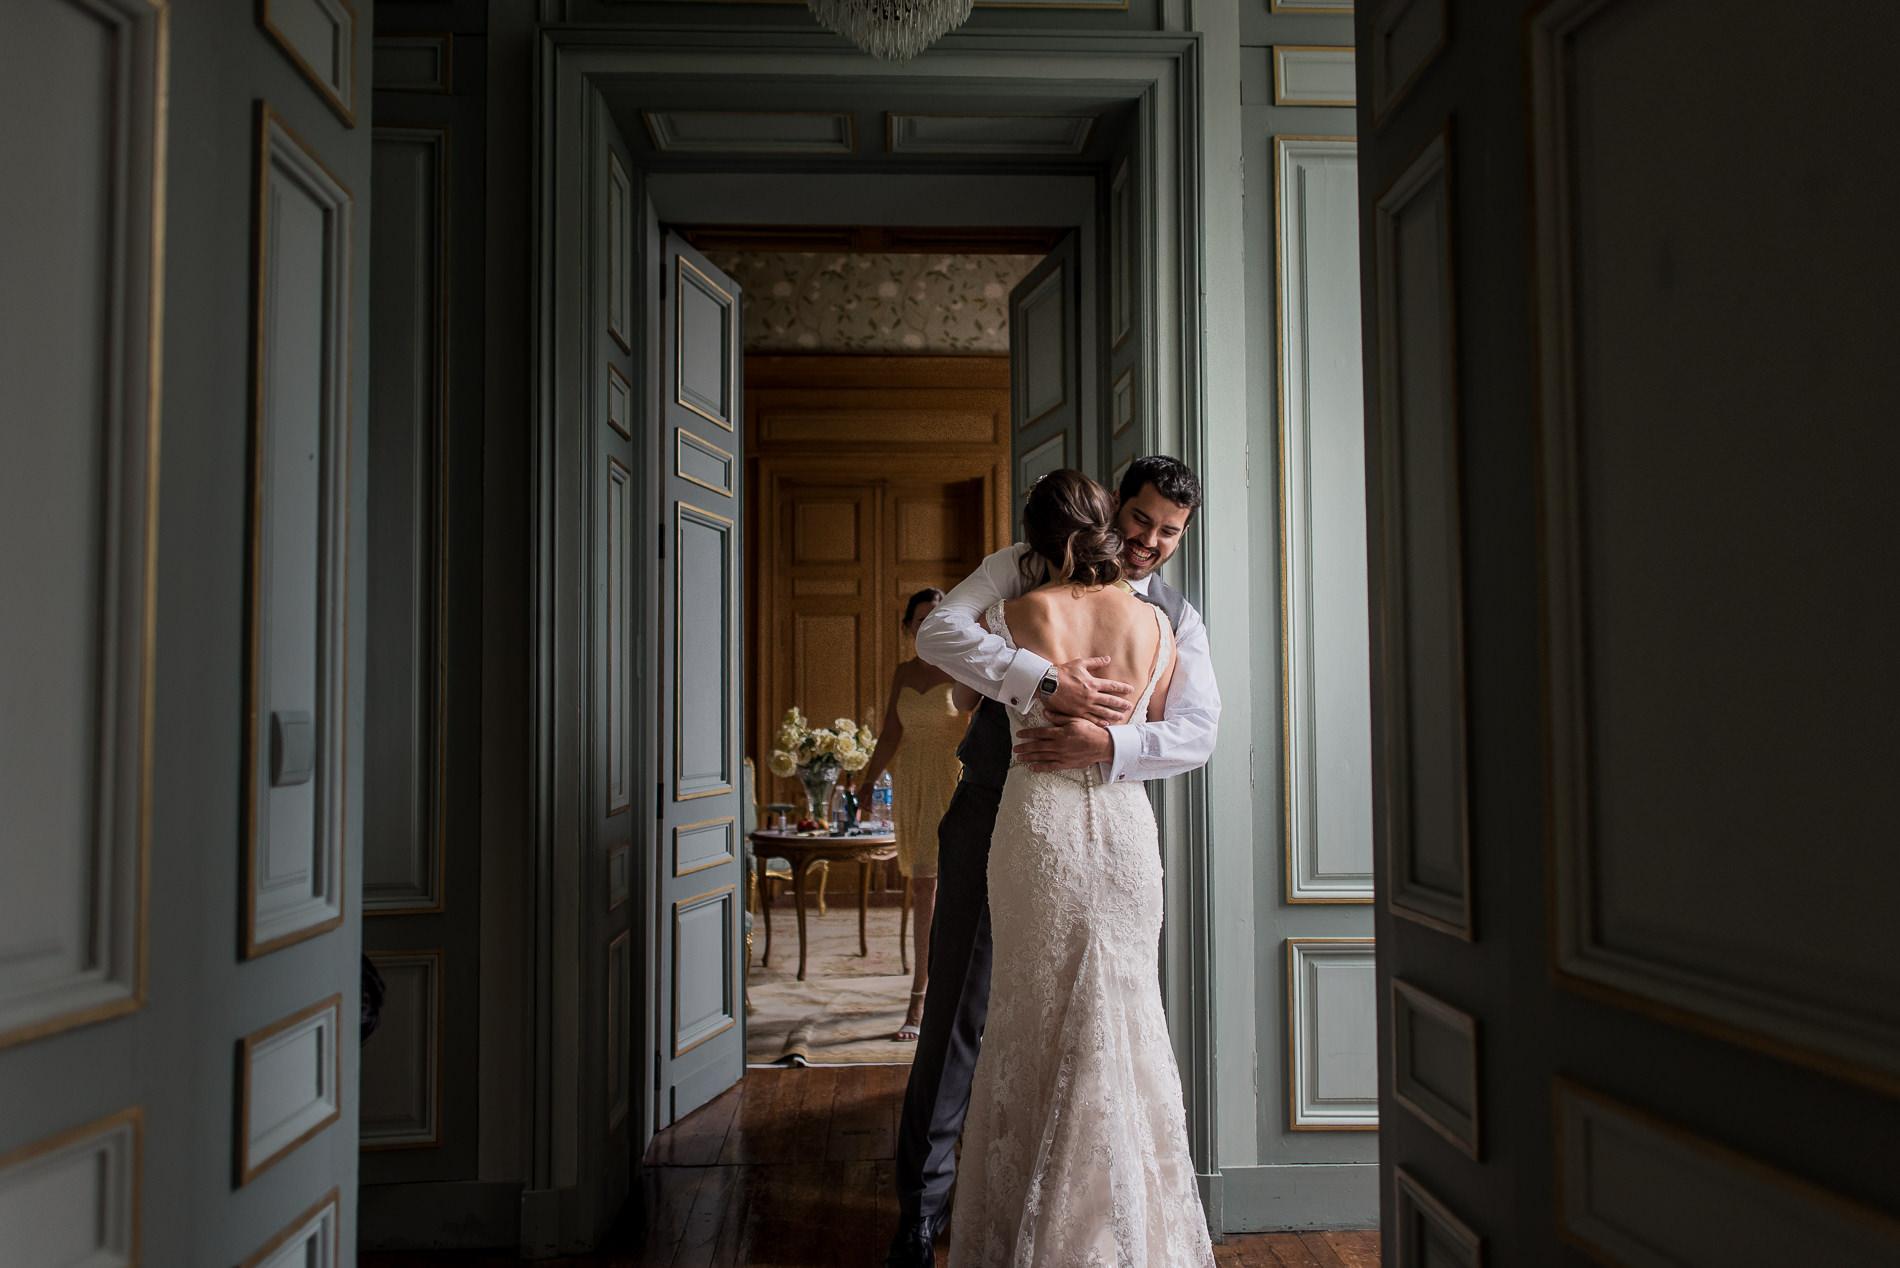 wedding chateau la durantie french castle-16